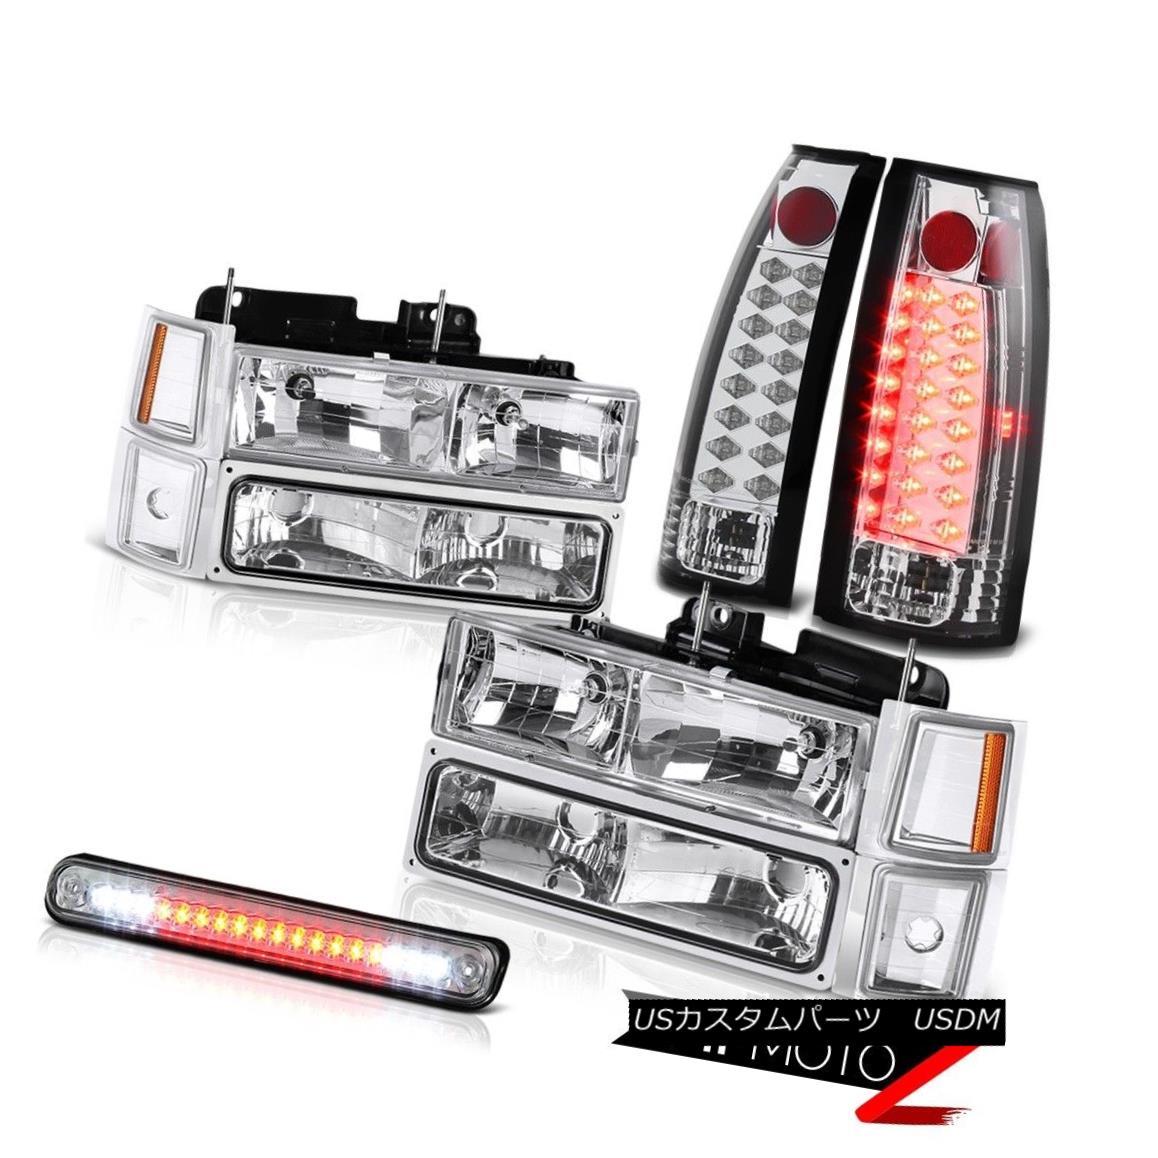 テールライト 1994 1995 1996 1997 1998 Chevy CK Silverado Headlight LED Third Cargo Tail Light 1994年1995年1996年1997年1998年シボレーCKシルバラードヘッドライトLED第3貨物テールライト